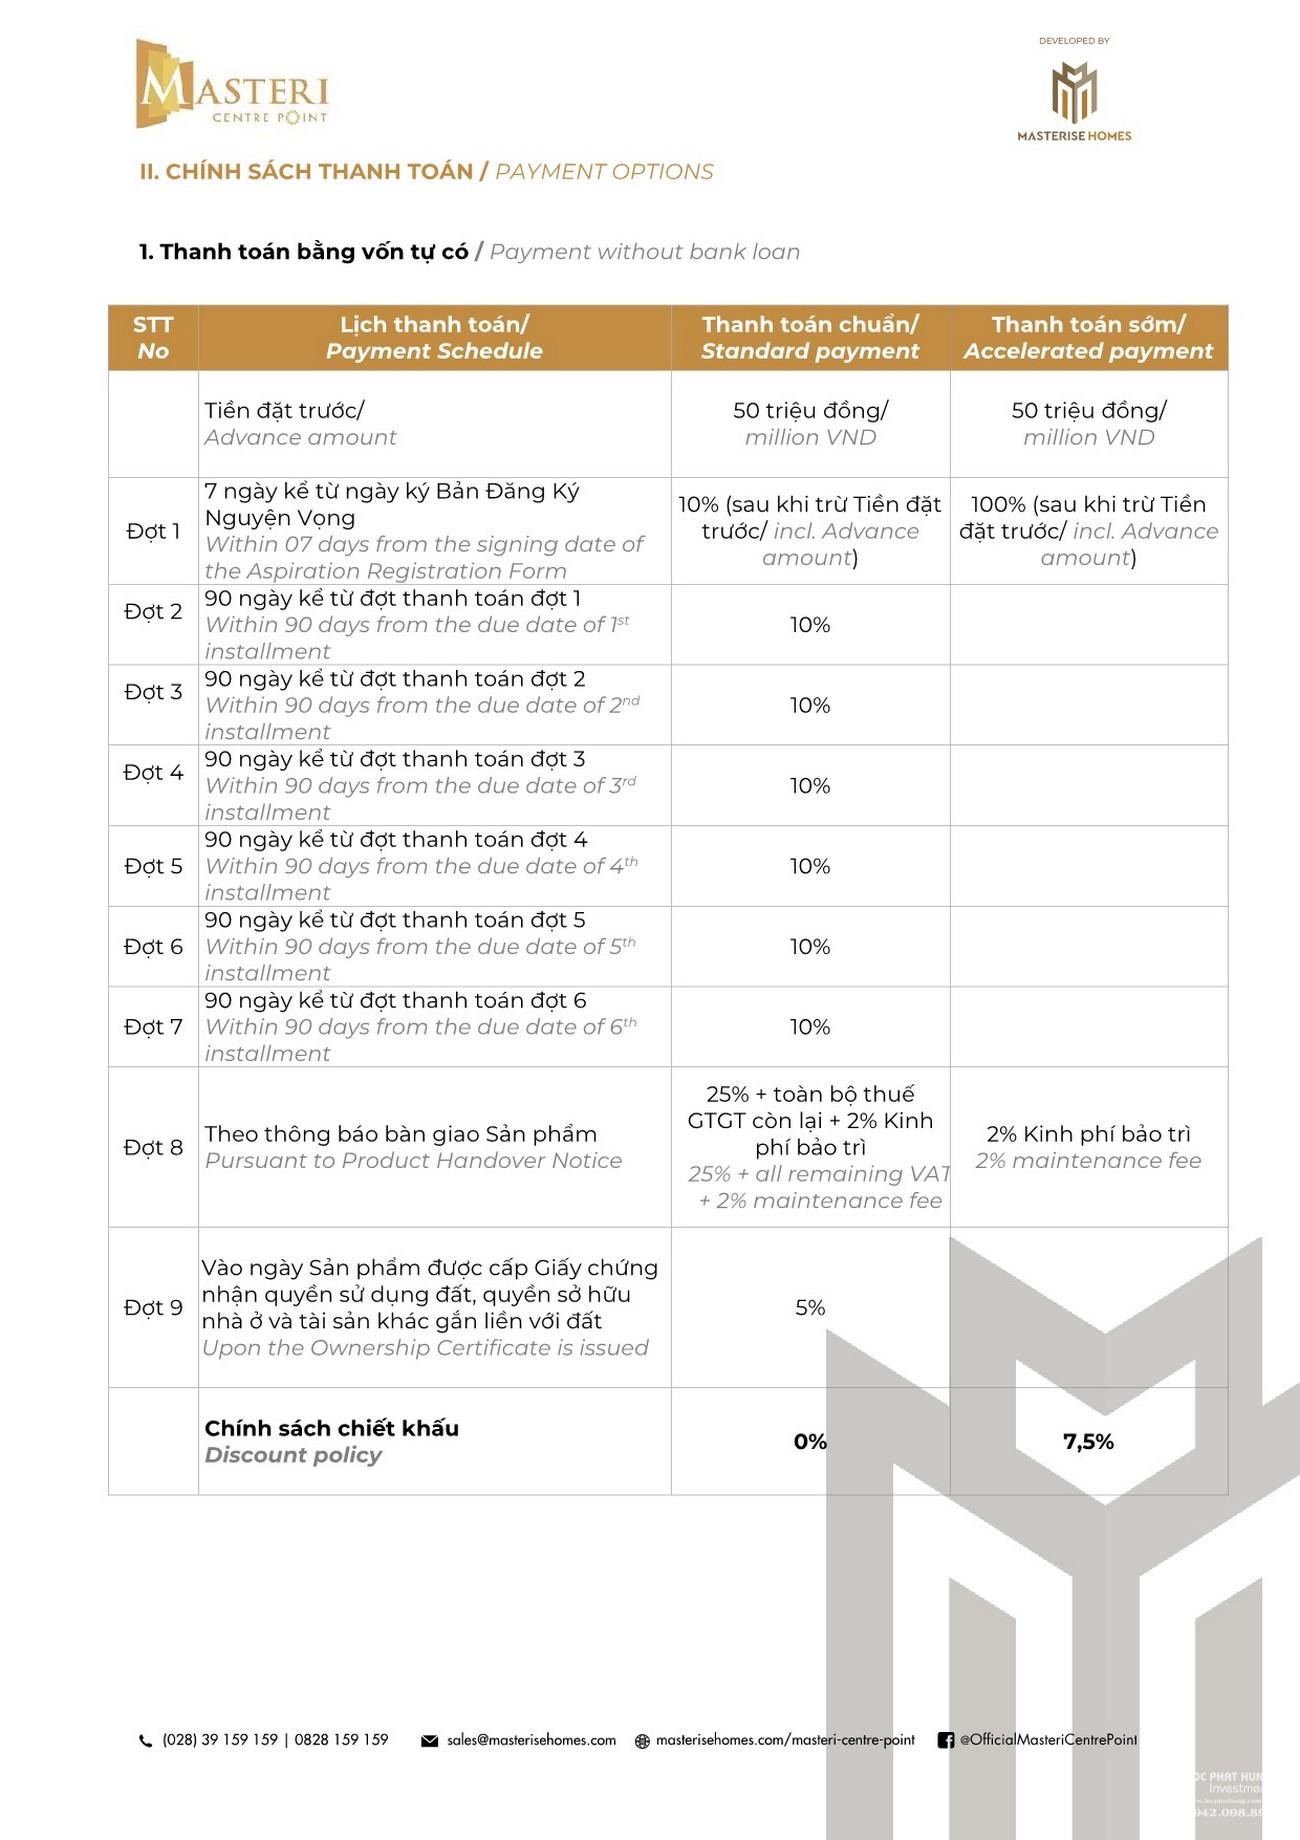 Phương thức thanh toán dự án căn hộ chung cư Masteri Centre Point Quận 9 Đường Nguyễn Xiển chủ đầu tư Vingroup